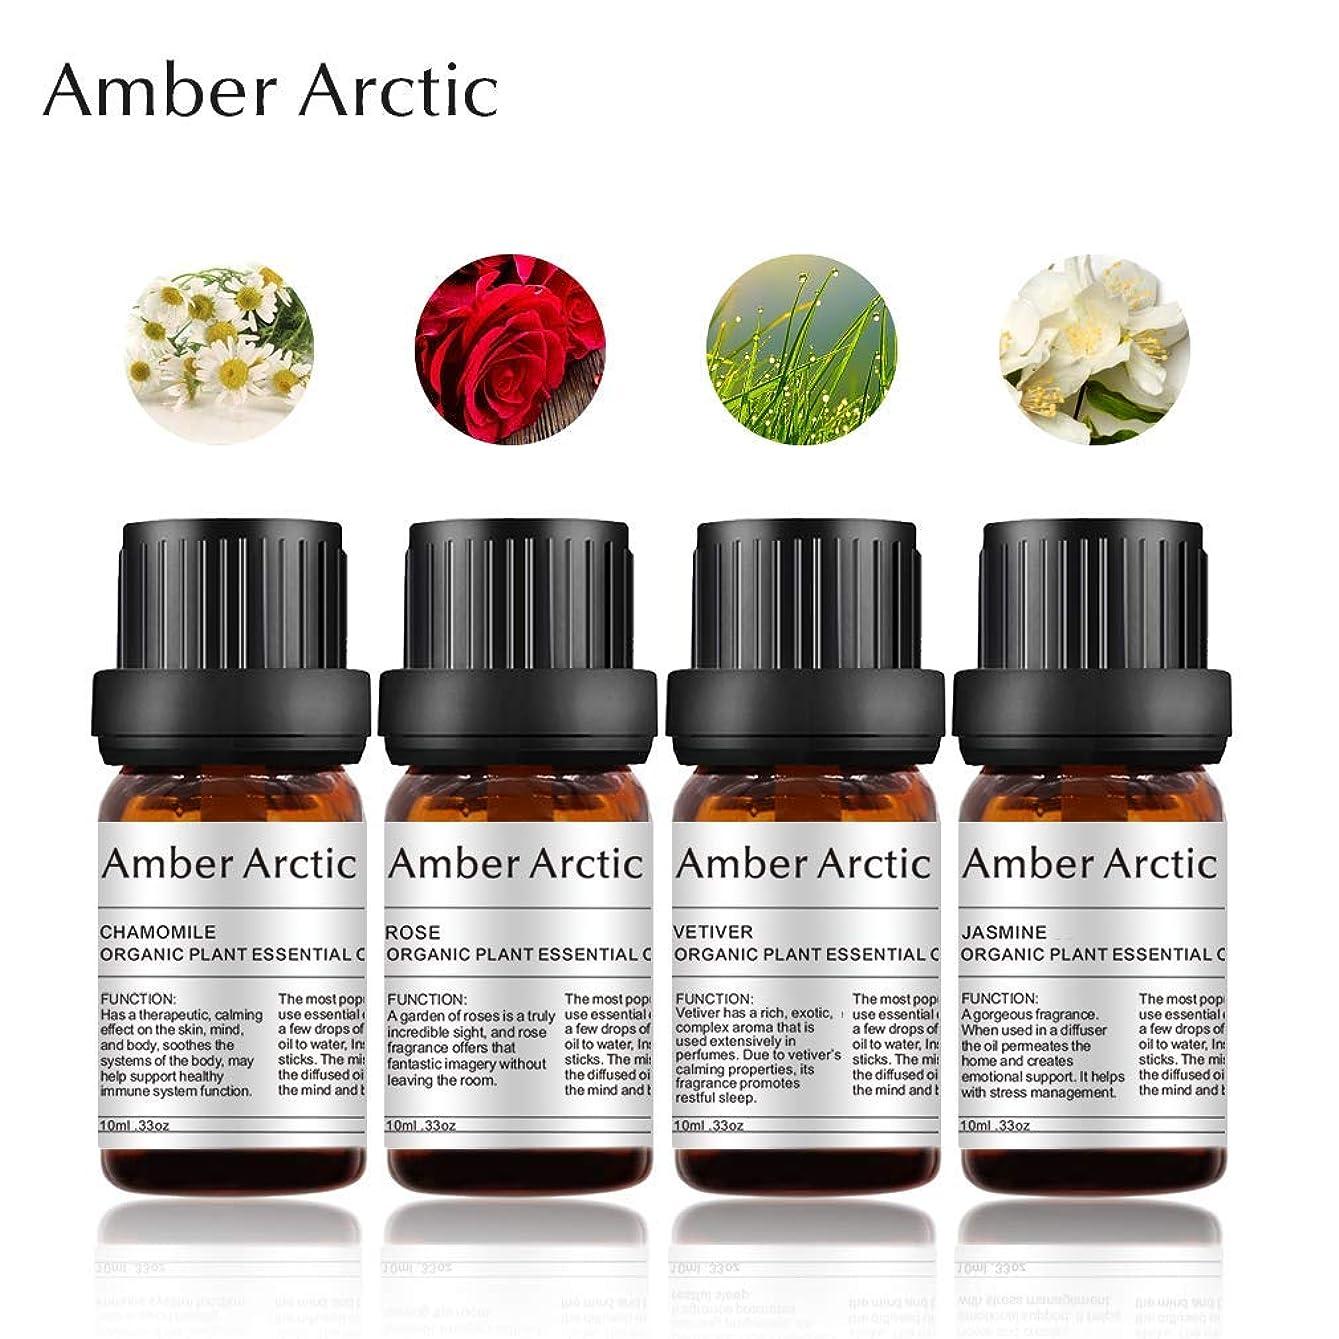 推論できない一目Amber Arctic 4 パック 精油 セット、 100% 純粋 天然 アロマ 最良 治療 グレード エッセンシャル オイル (ジャスミン、 ベチバー、 ローズ、 カモミール)